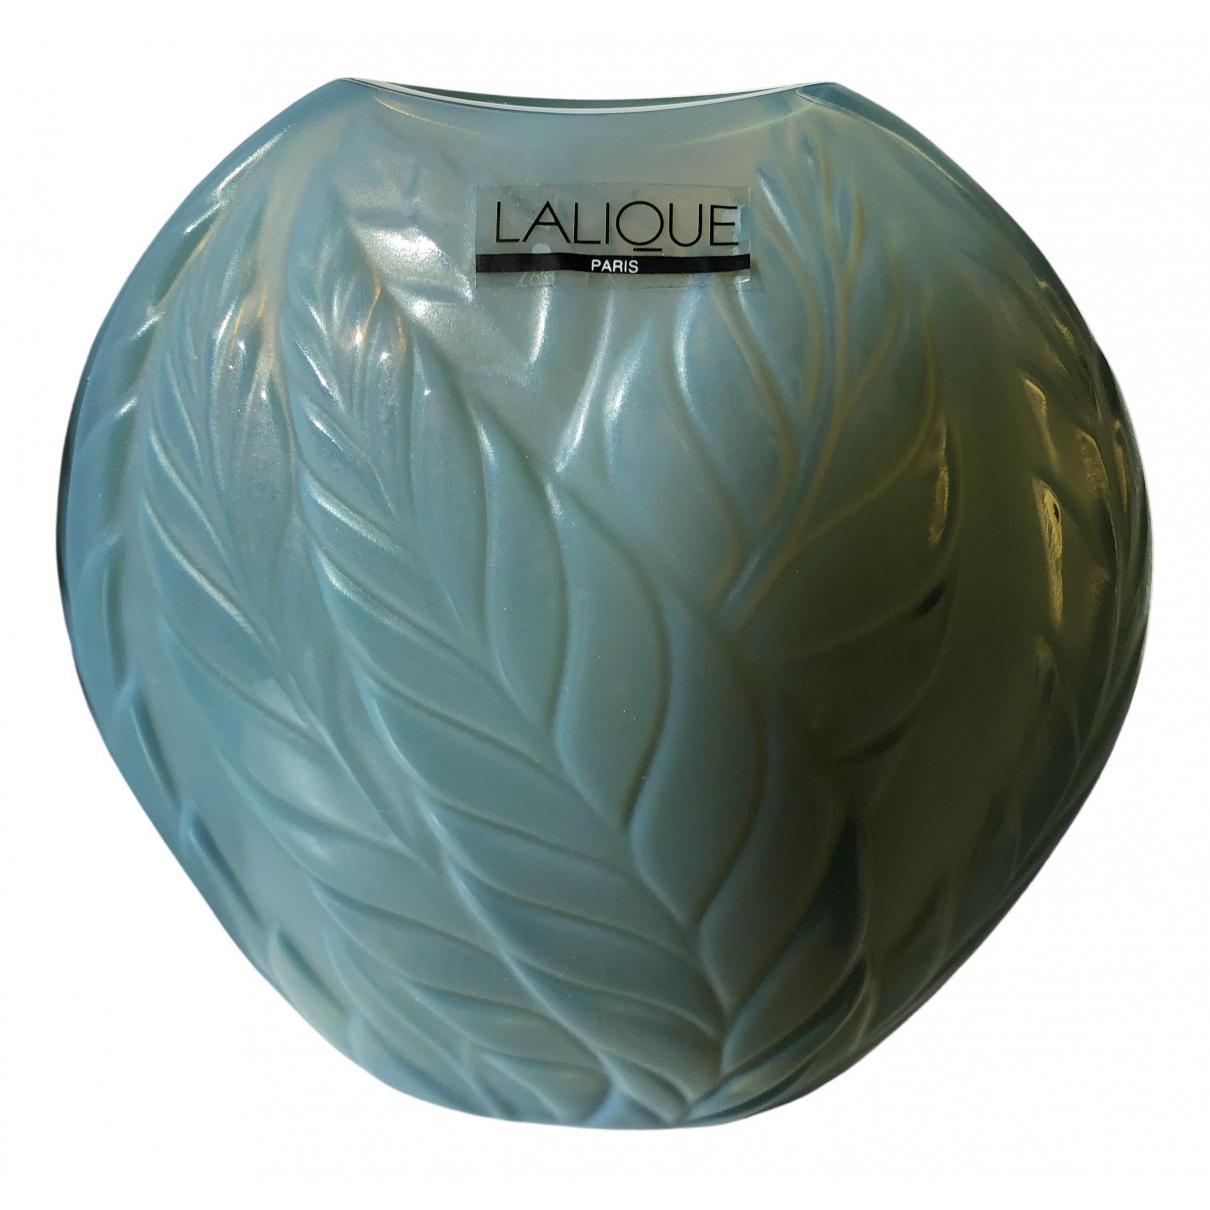 Lalique \N Accessoires und Dekoration in  Gruen Kristall